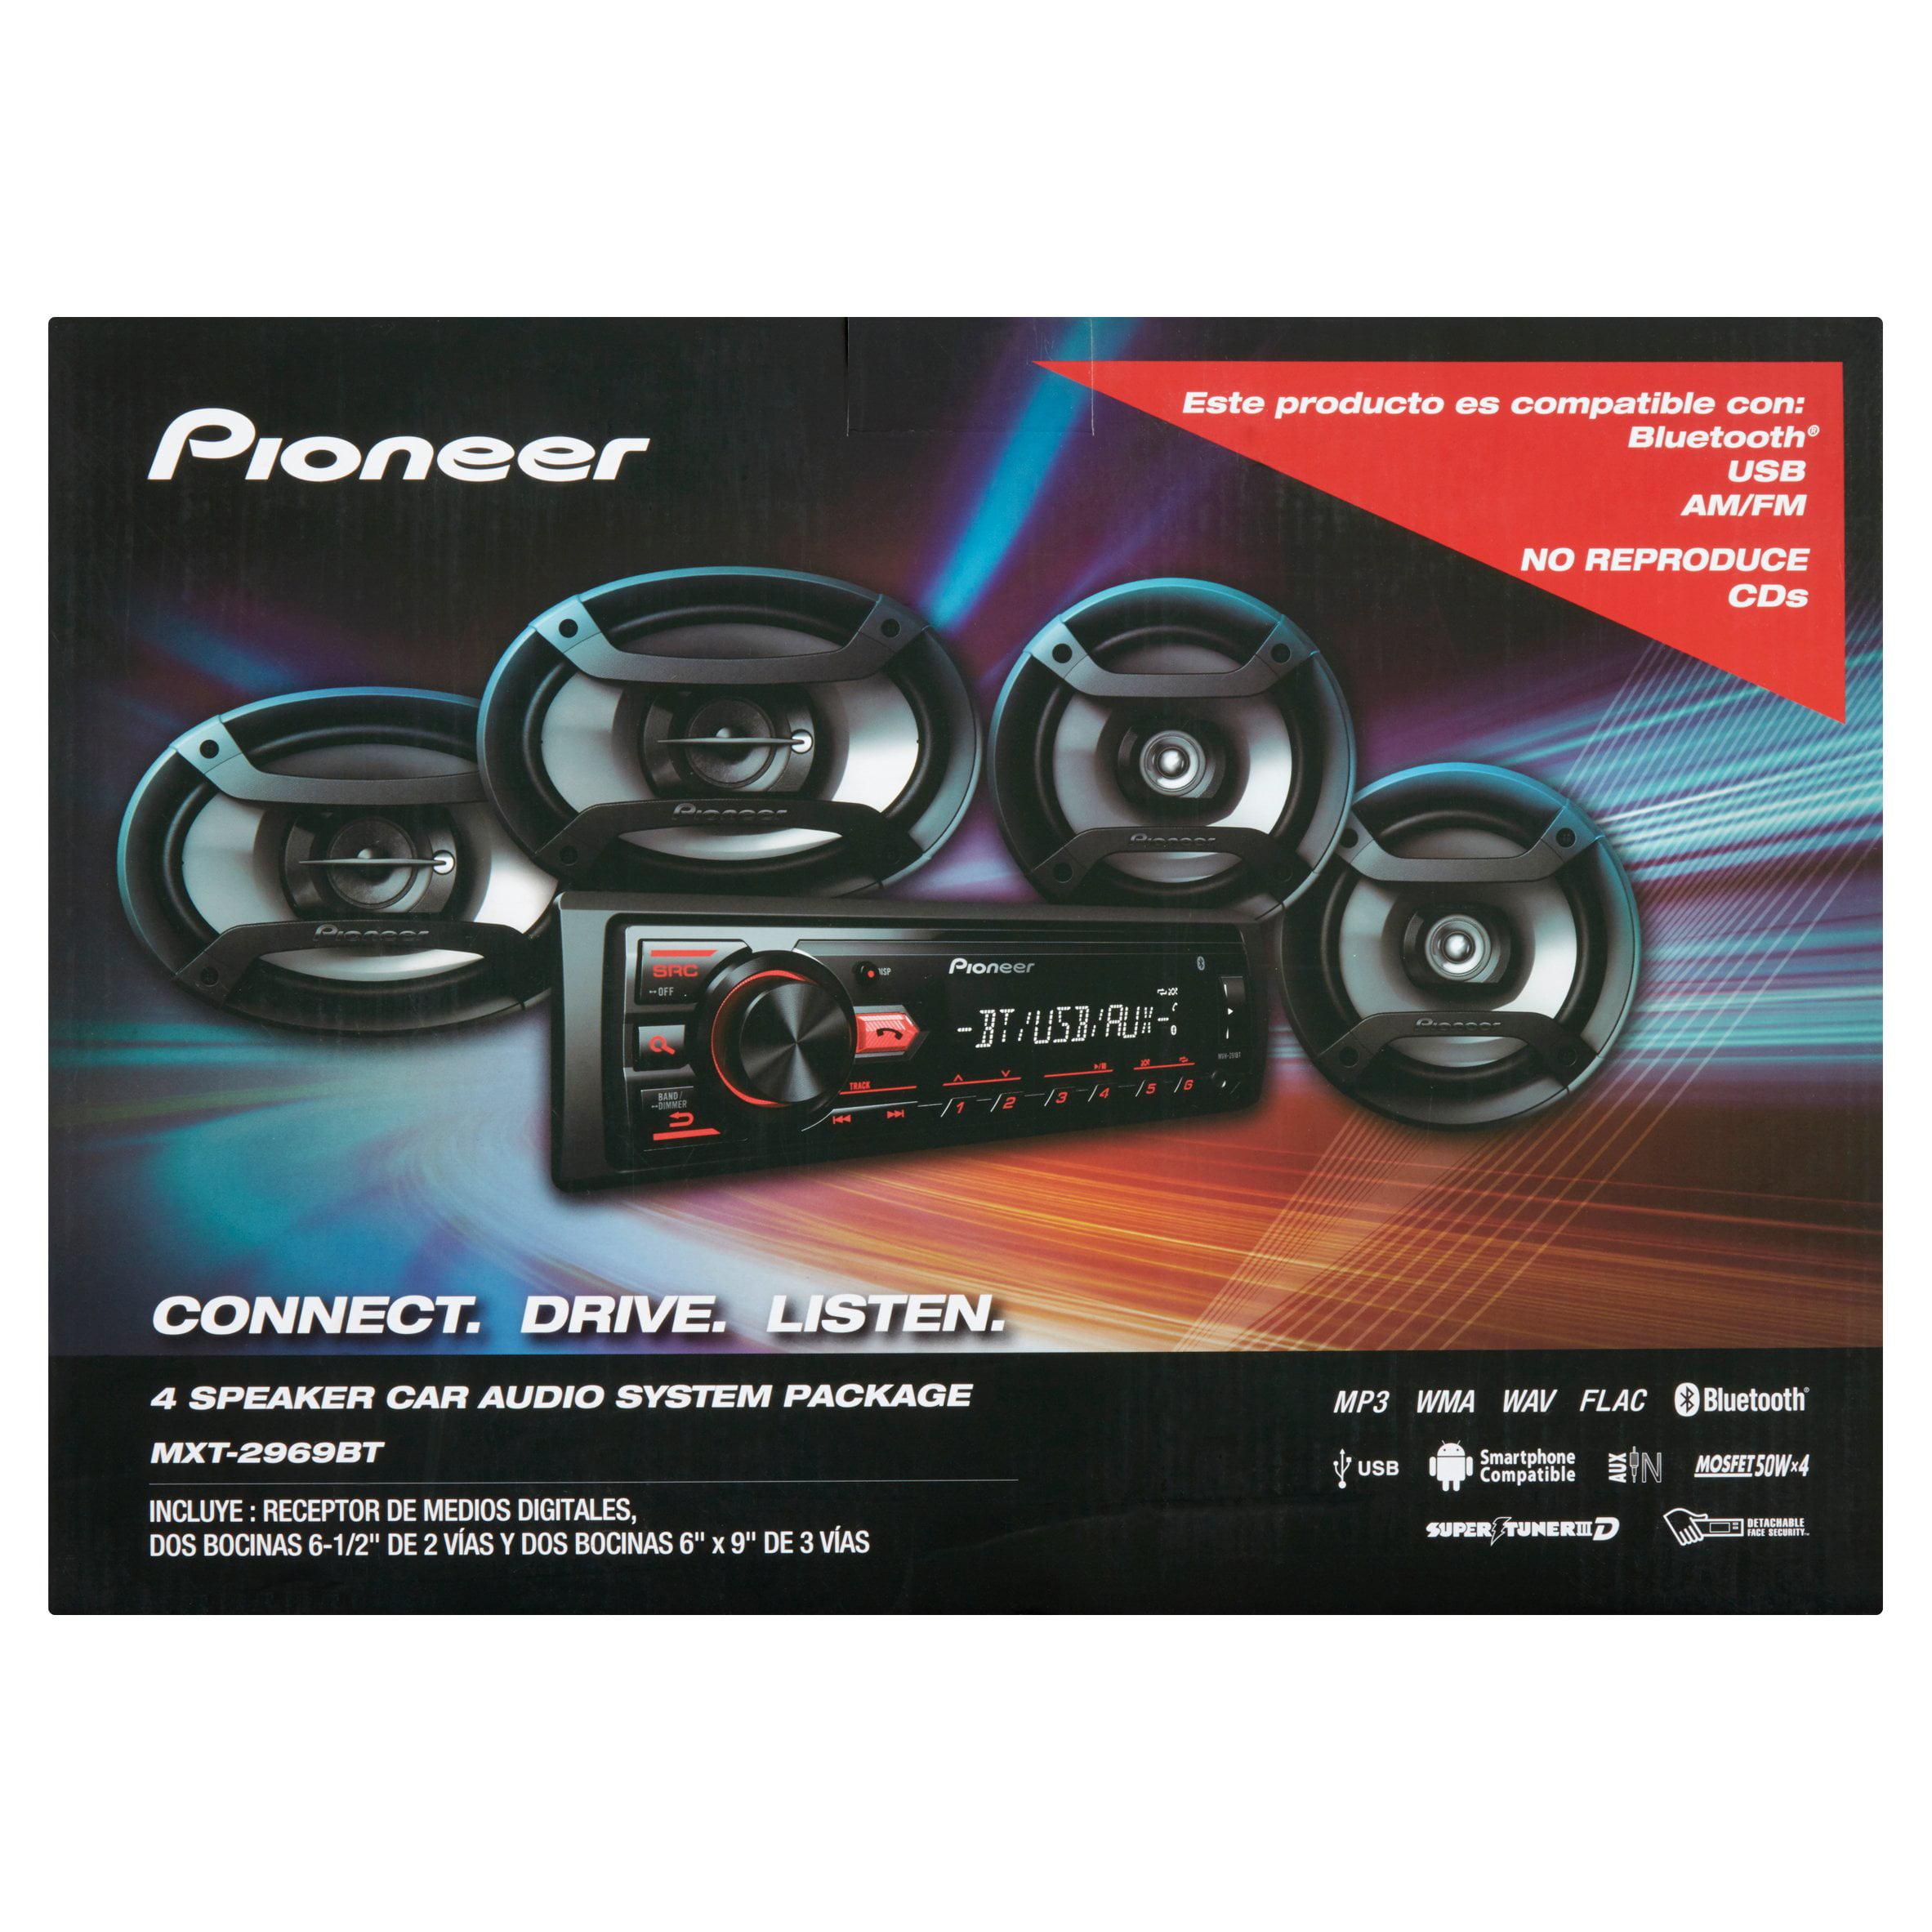 Pioneer 4 Speaker Car Audio System Package - Walmart.com